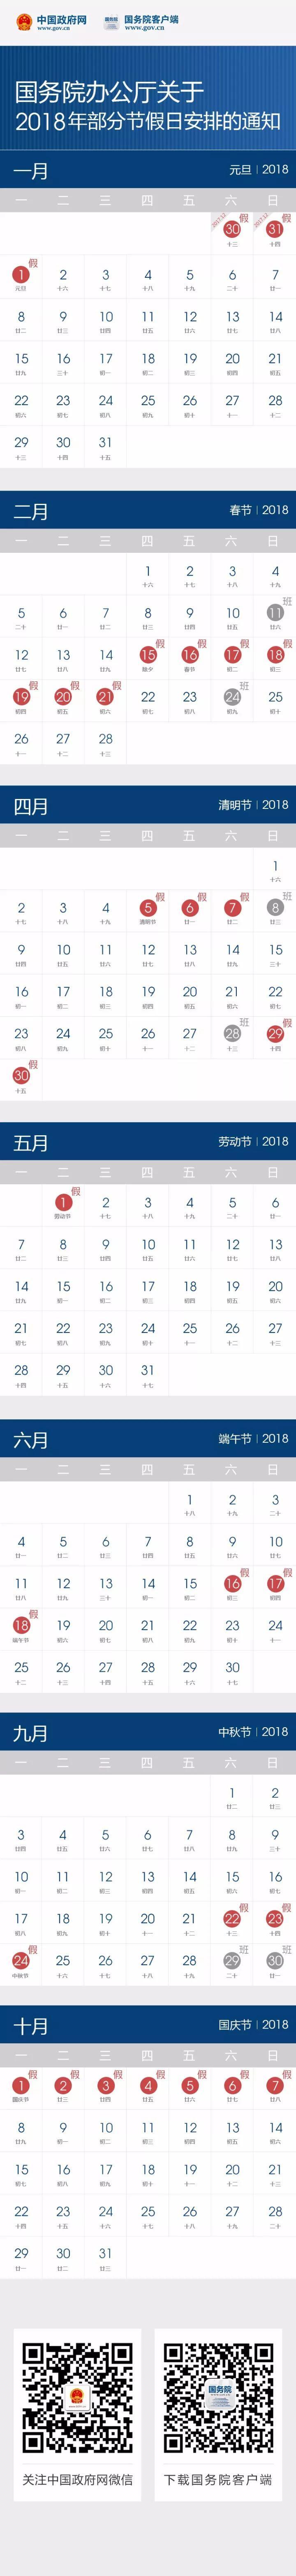 2018年放假安排出炉:春节2月15日至21日放假调休